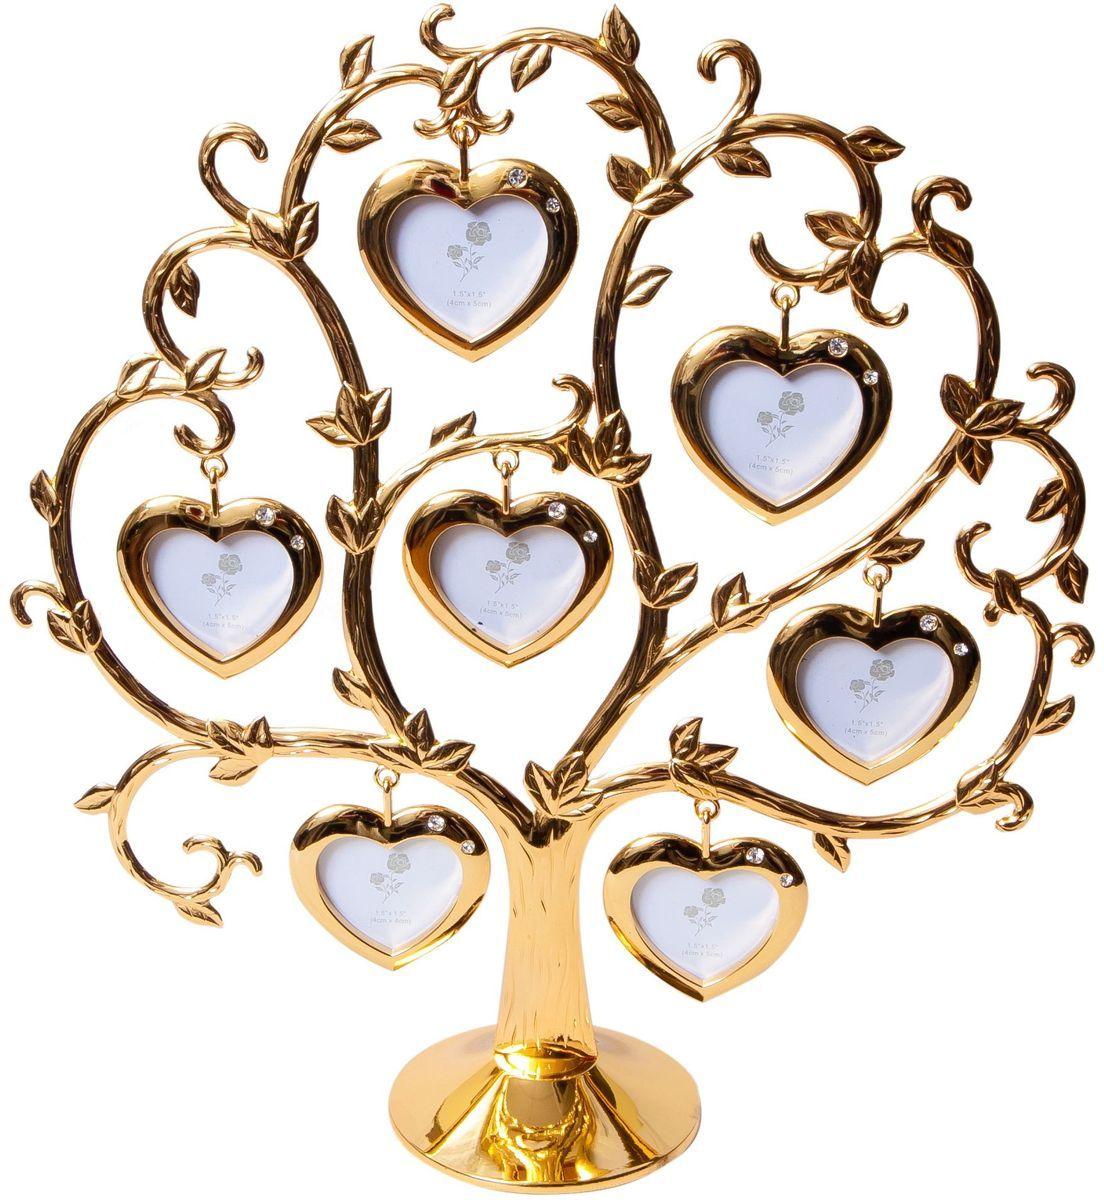 Фоторамка Platinum Дерево. Сердца, цвет: золотистый, на 7 фото, 4 x 4 см. PF9460CSG фоторамка platinum дерево сердца цвет светло серый на 2 фото 8 x 8 см pf10019a